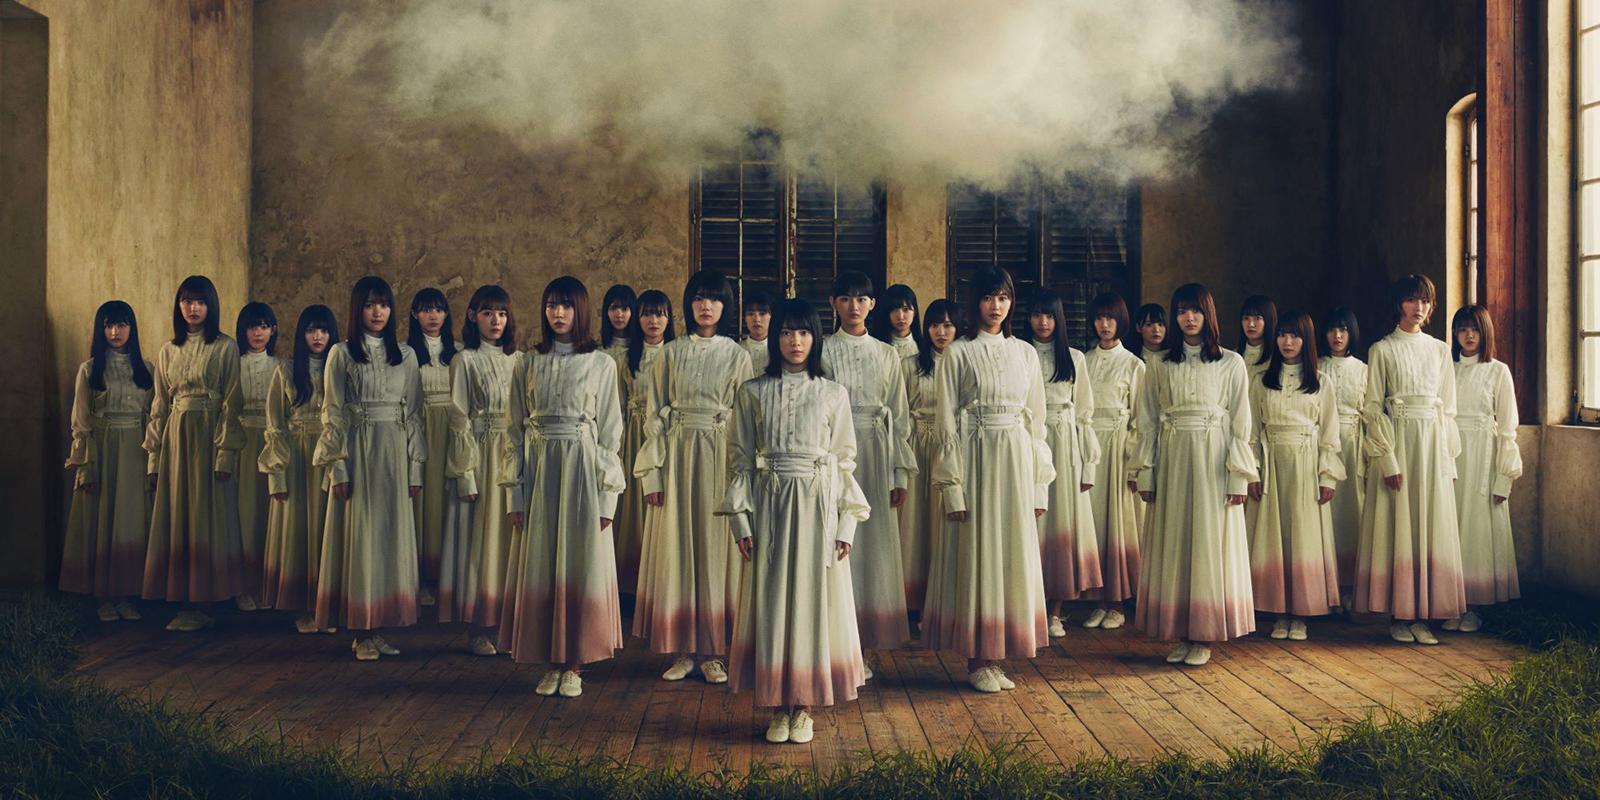 櫻坂46、改名後初のアーティスト写真公開<1stシングル「Nobody's fault」>